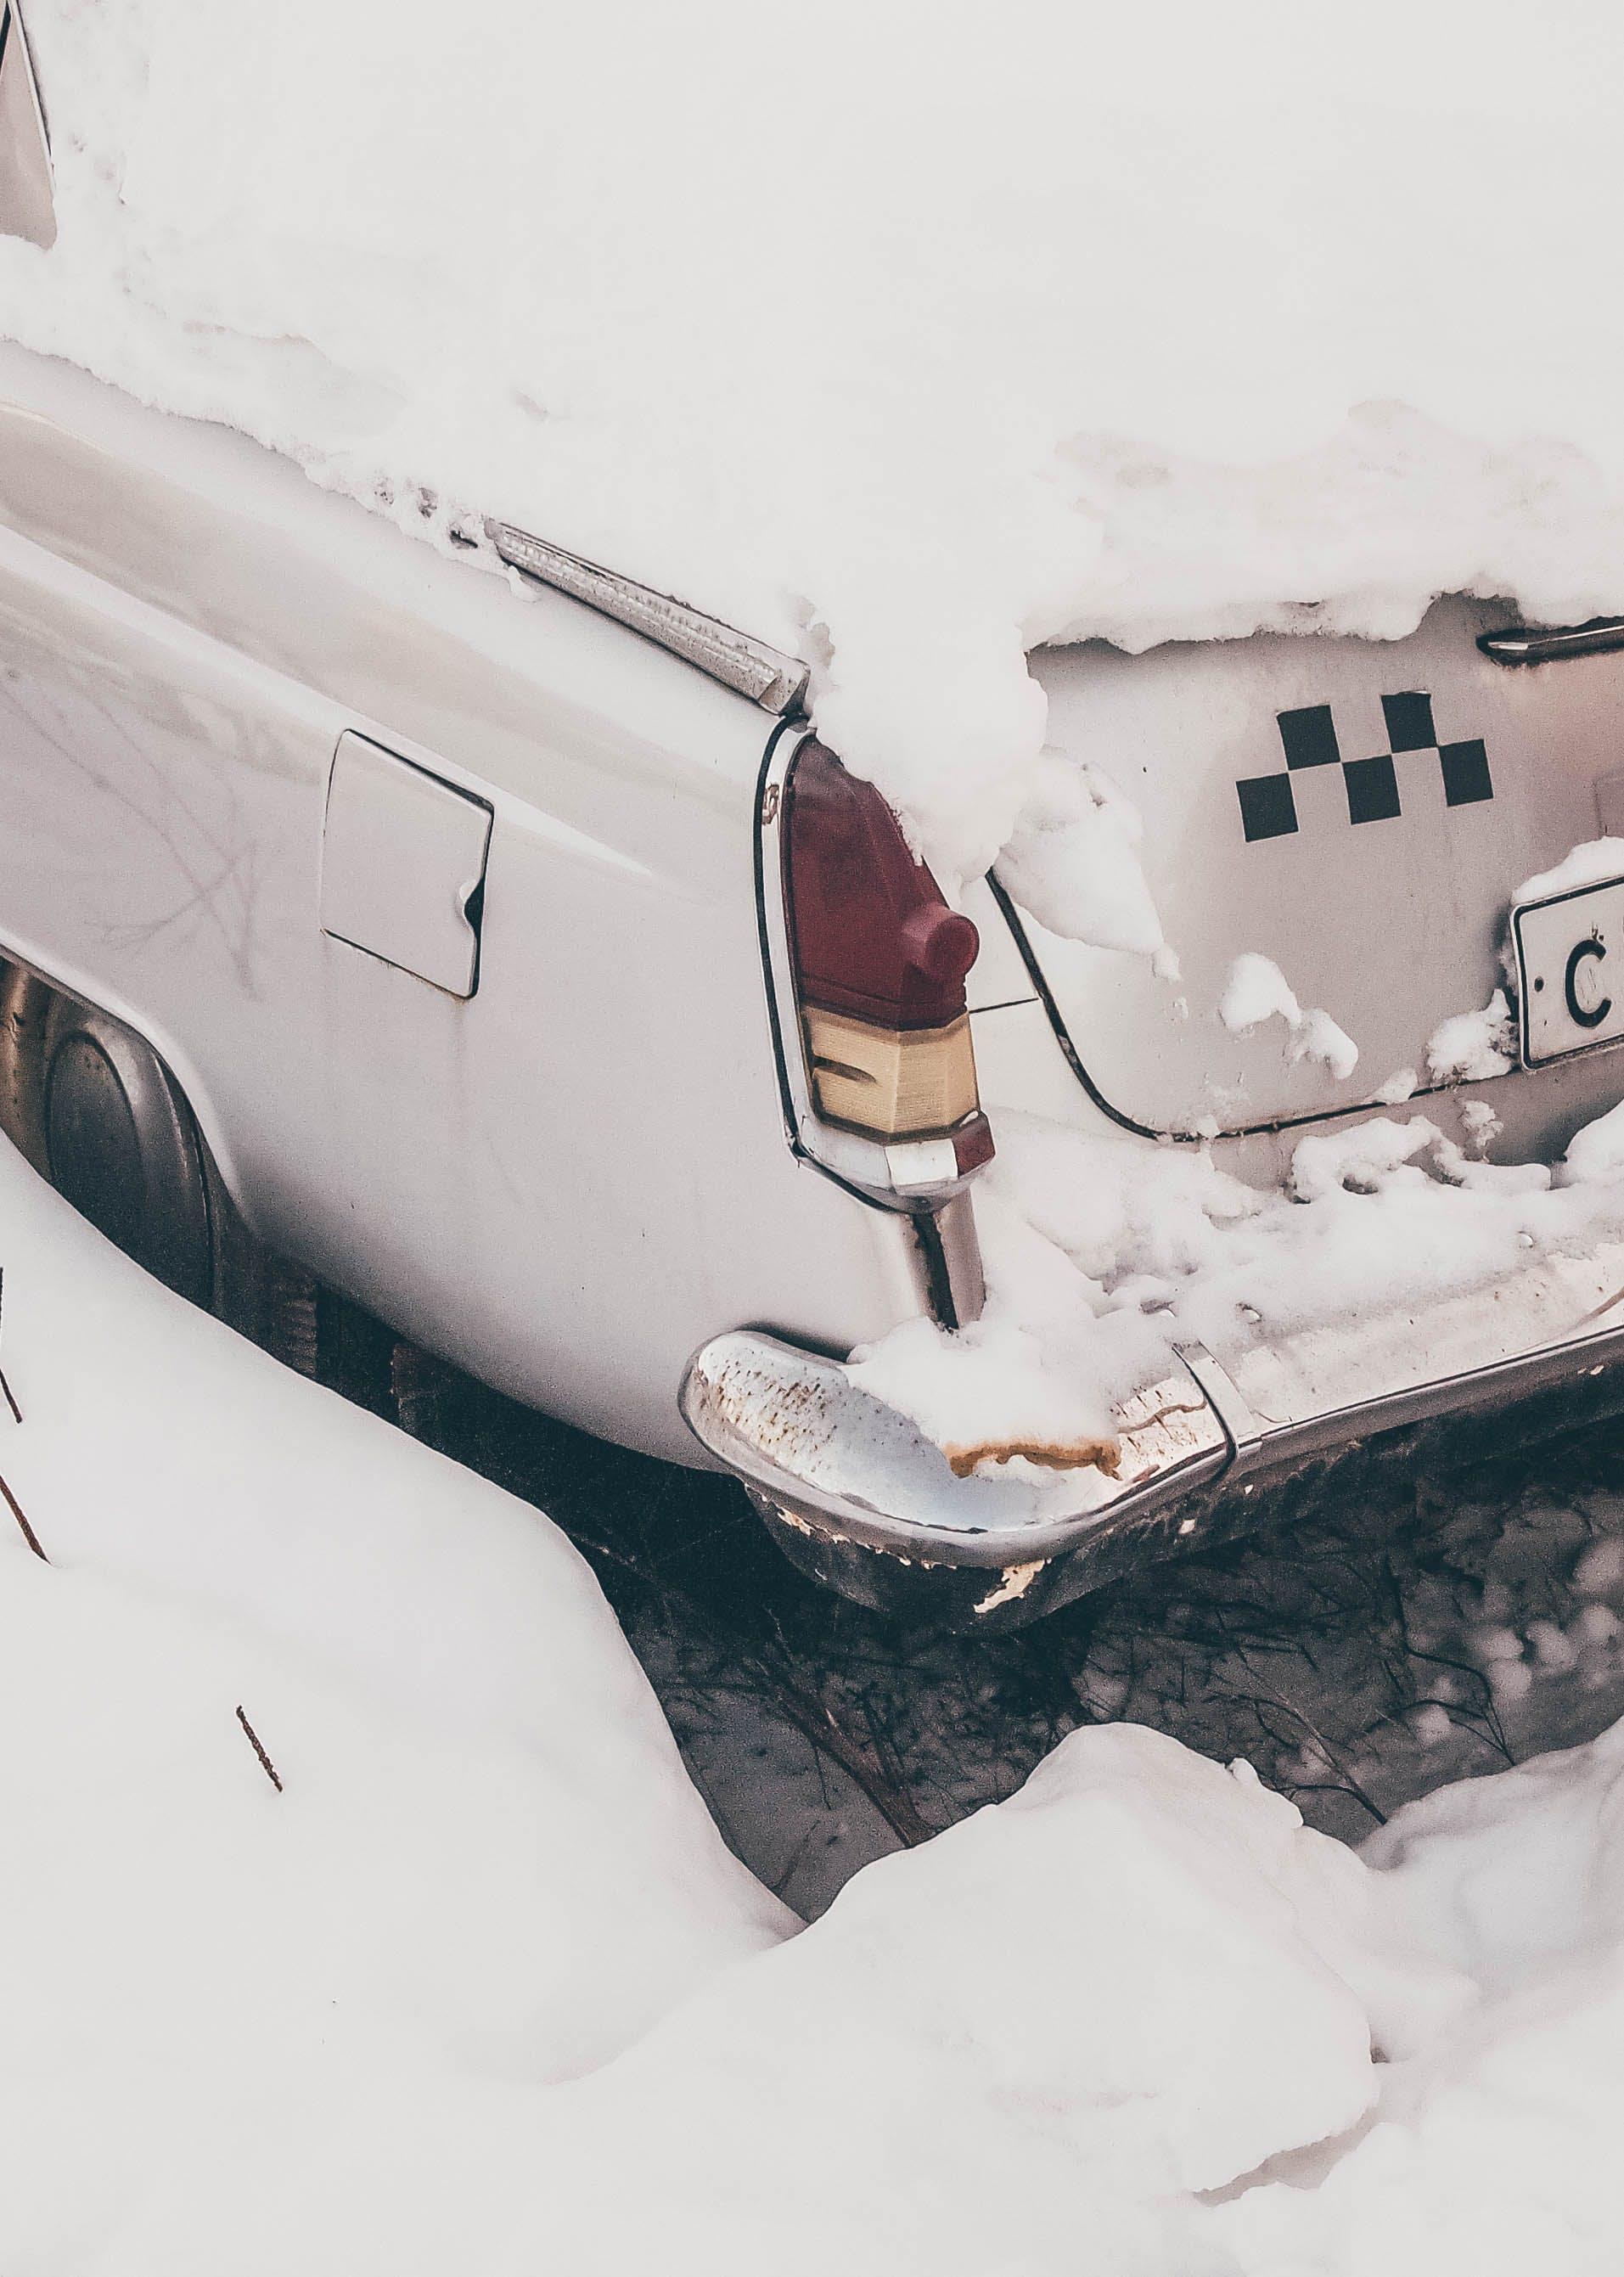 Kostenloses Stock Foto zu auto, automobil, bedeckt, draußen